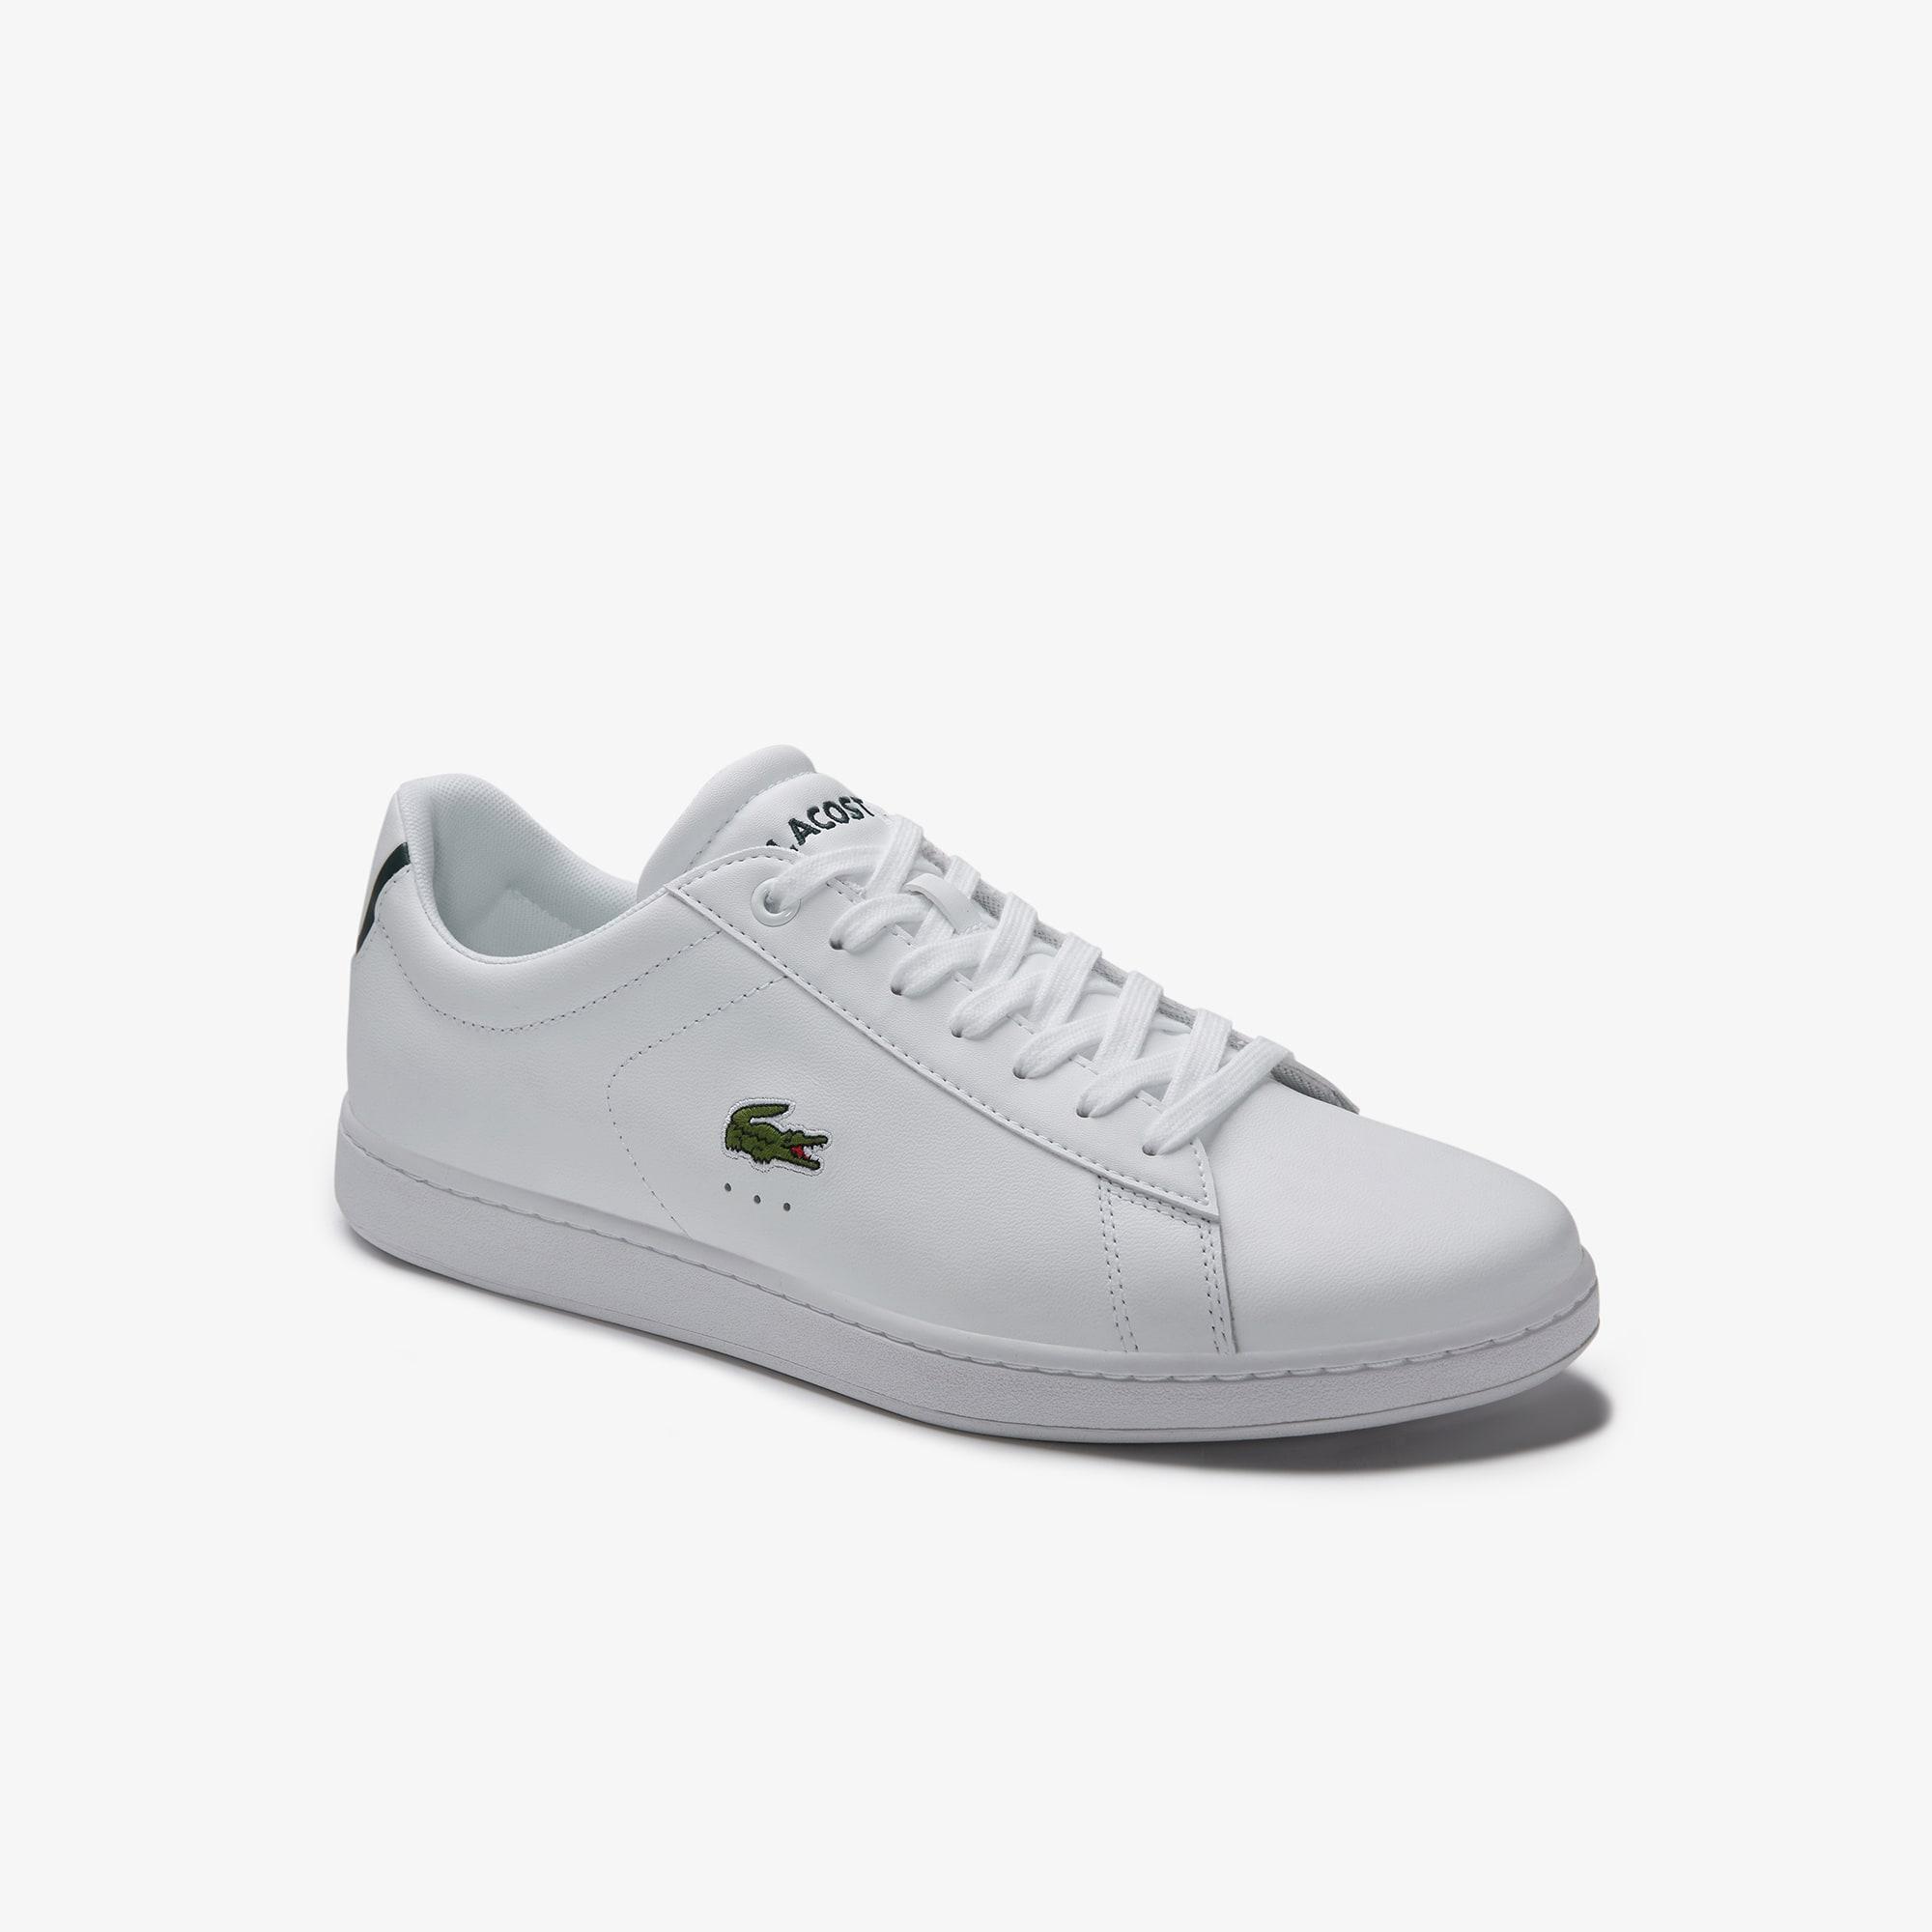 Lacoste Girls Carnaby Evo Sneaker